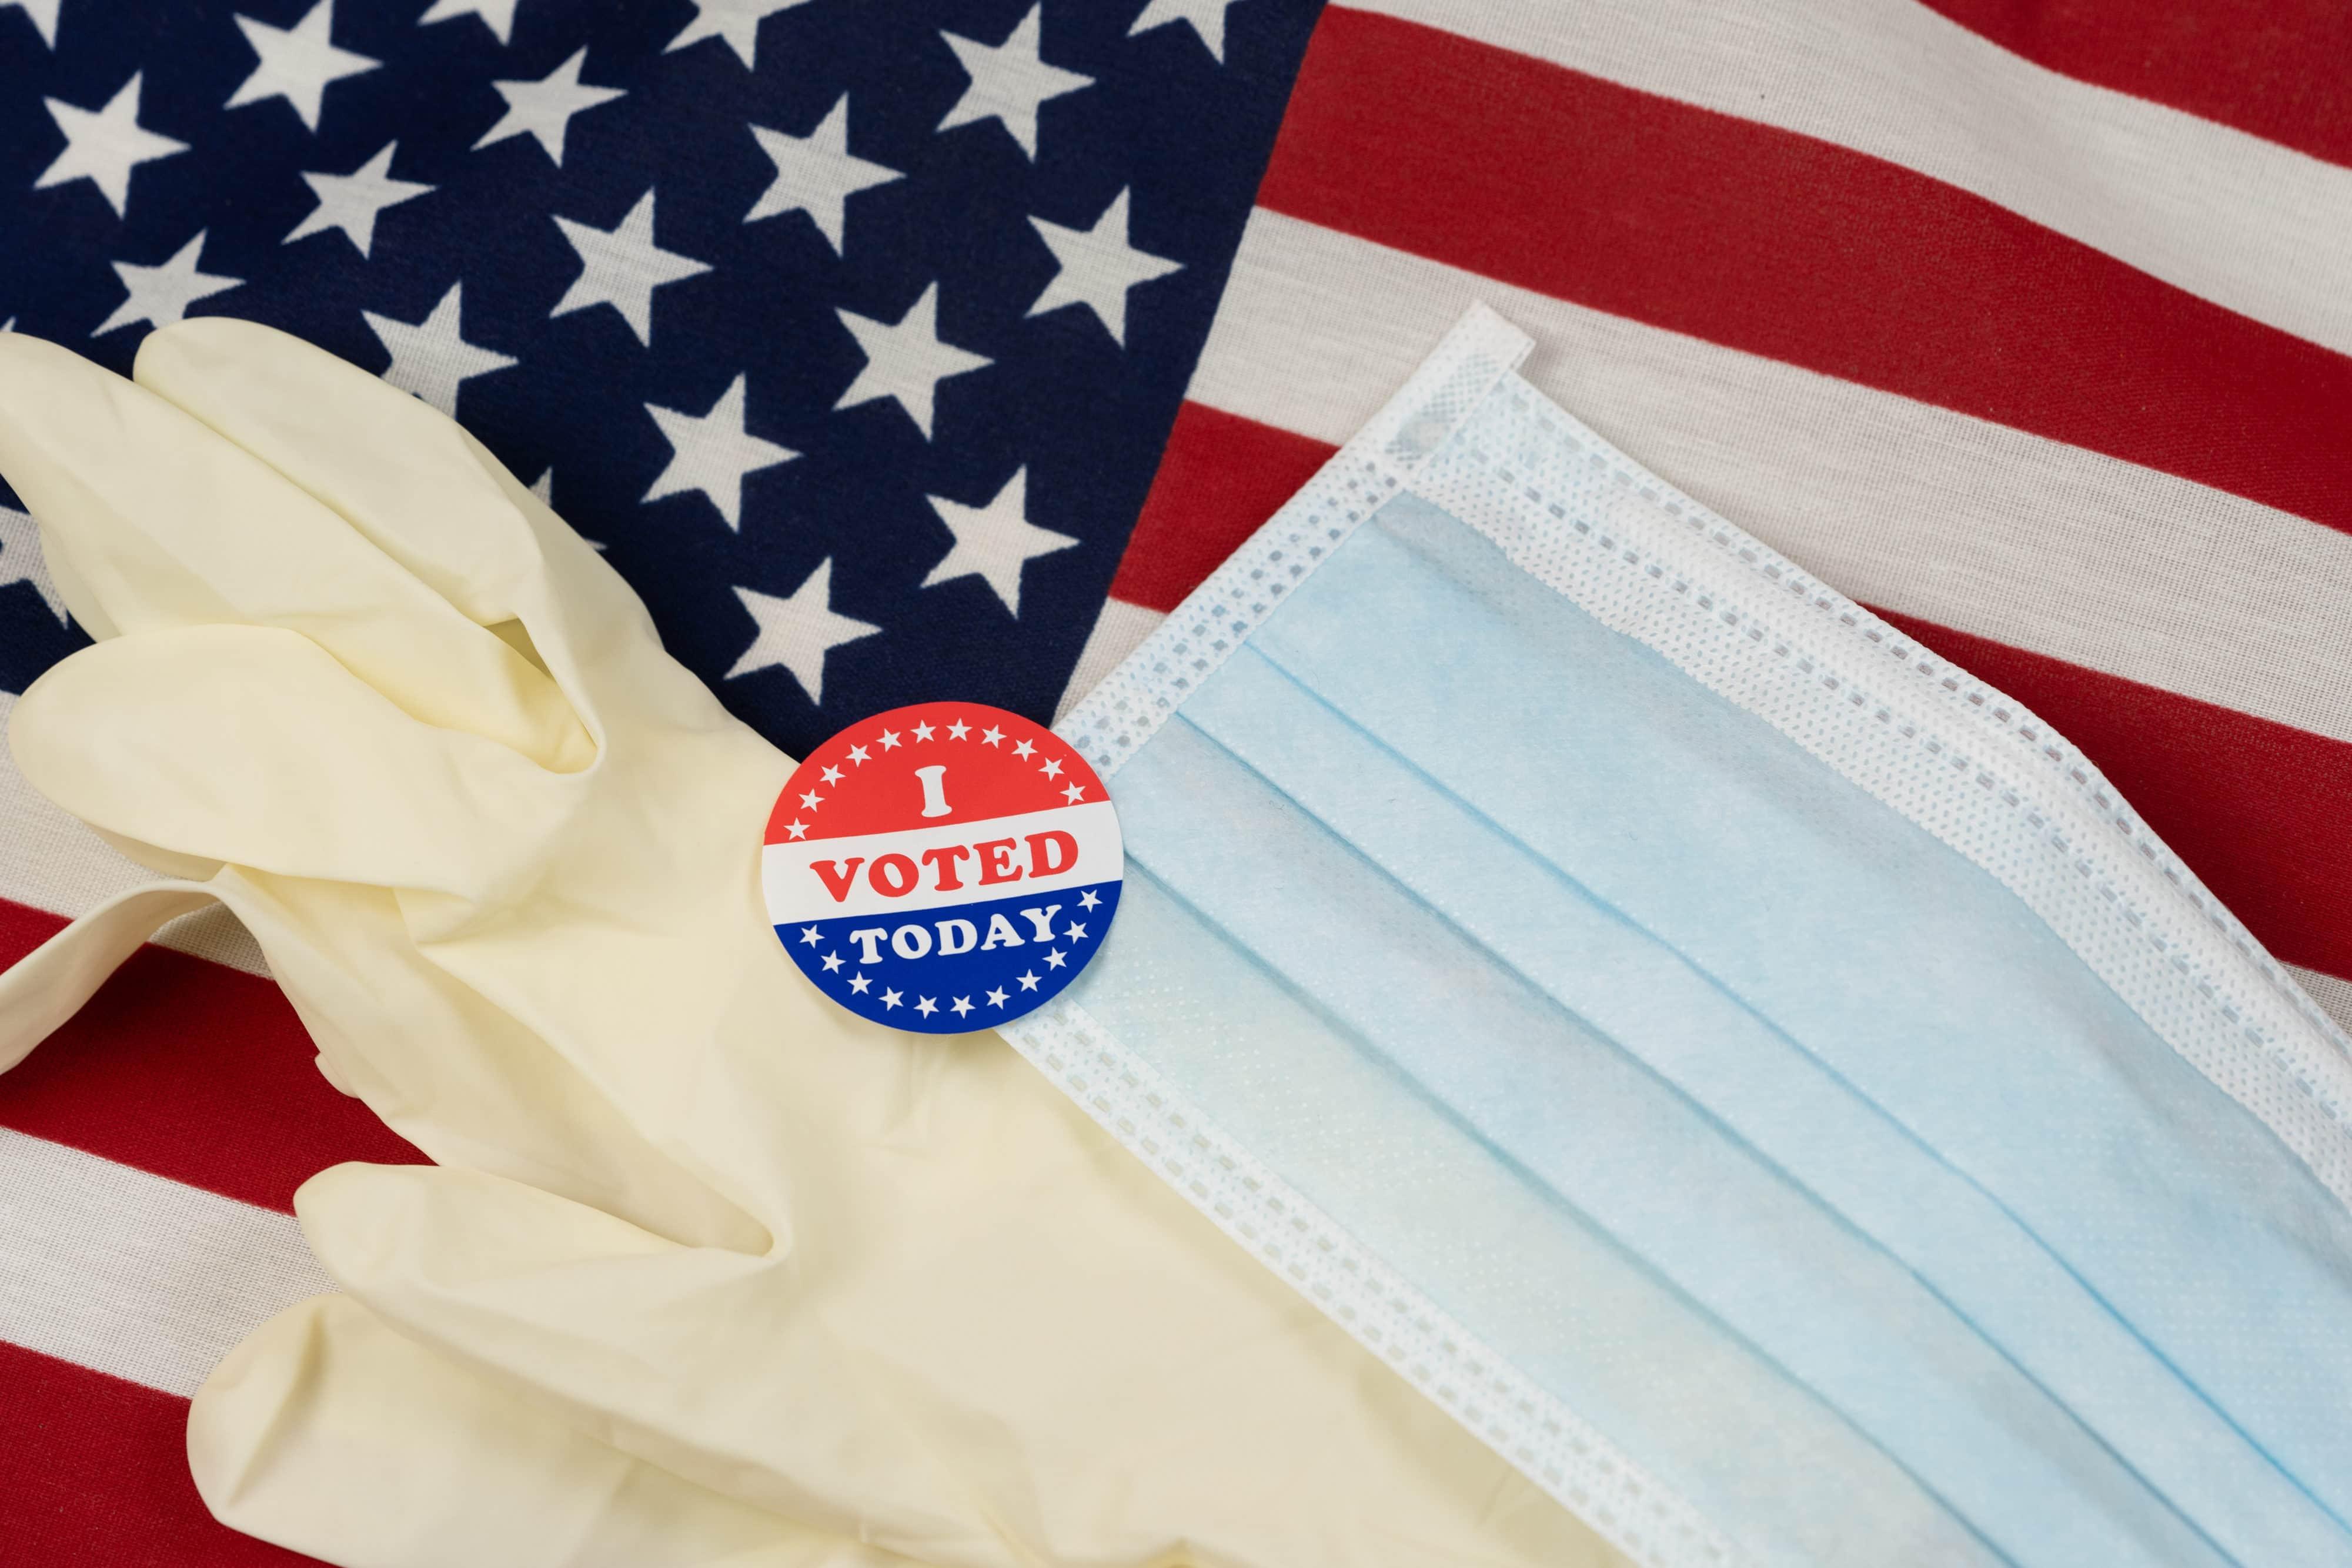 voting-coronavirus-4000x2667.jpeg